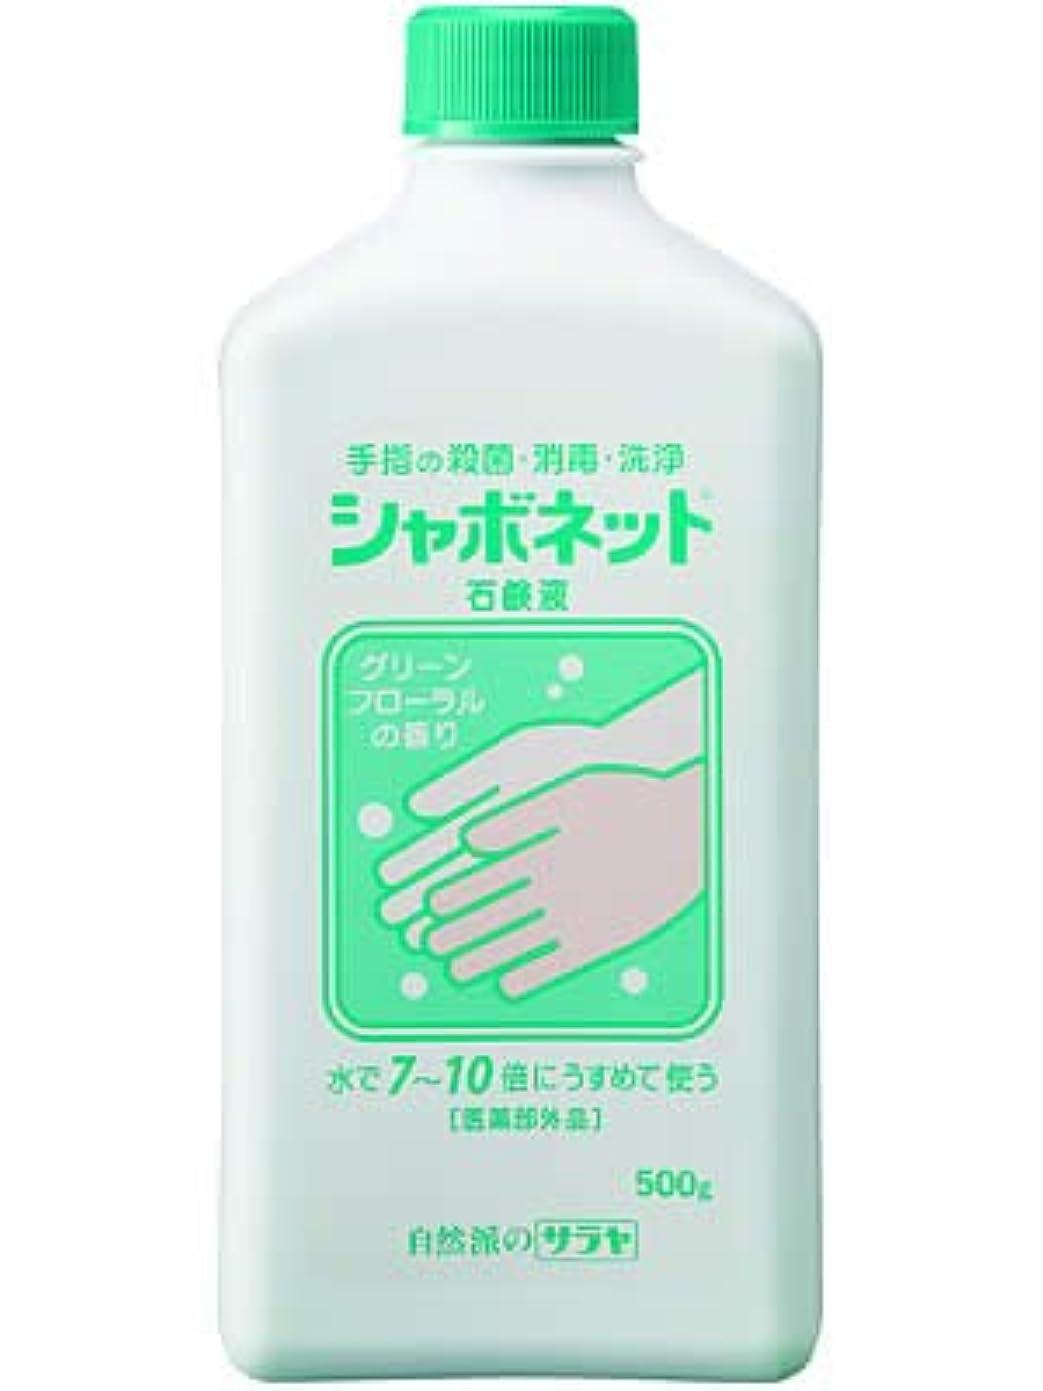 換気六月城シャボネット 石鹸液 500g ×5個セット